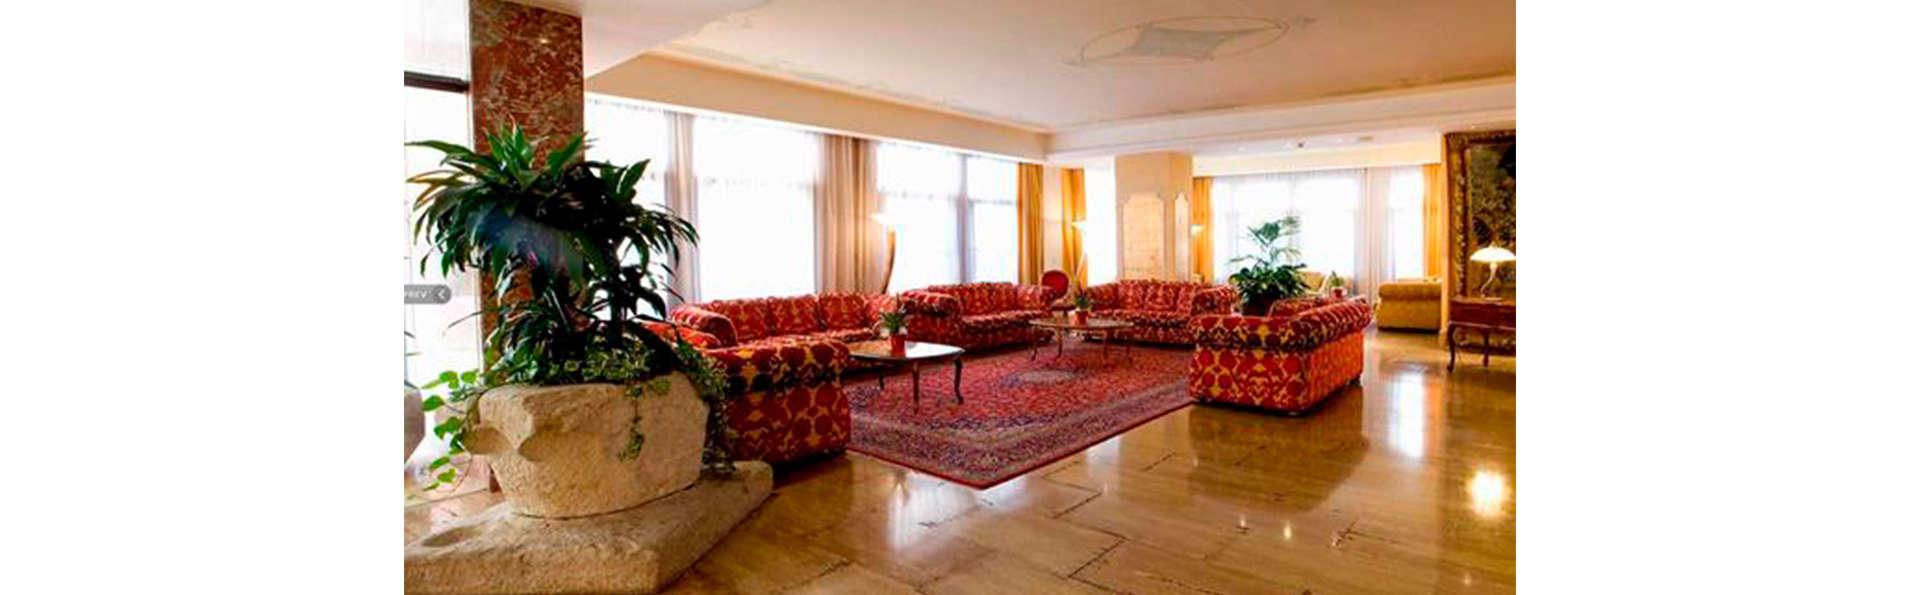 Hotel Principe - Edit_Looby.jpg